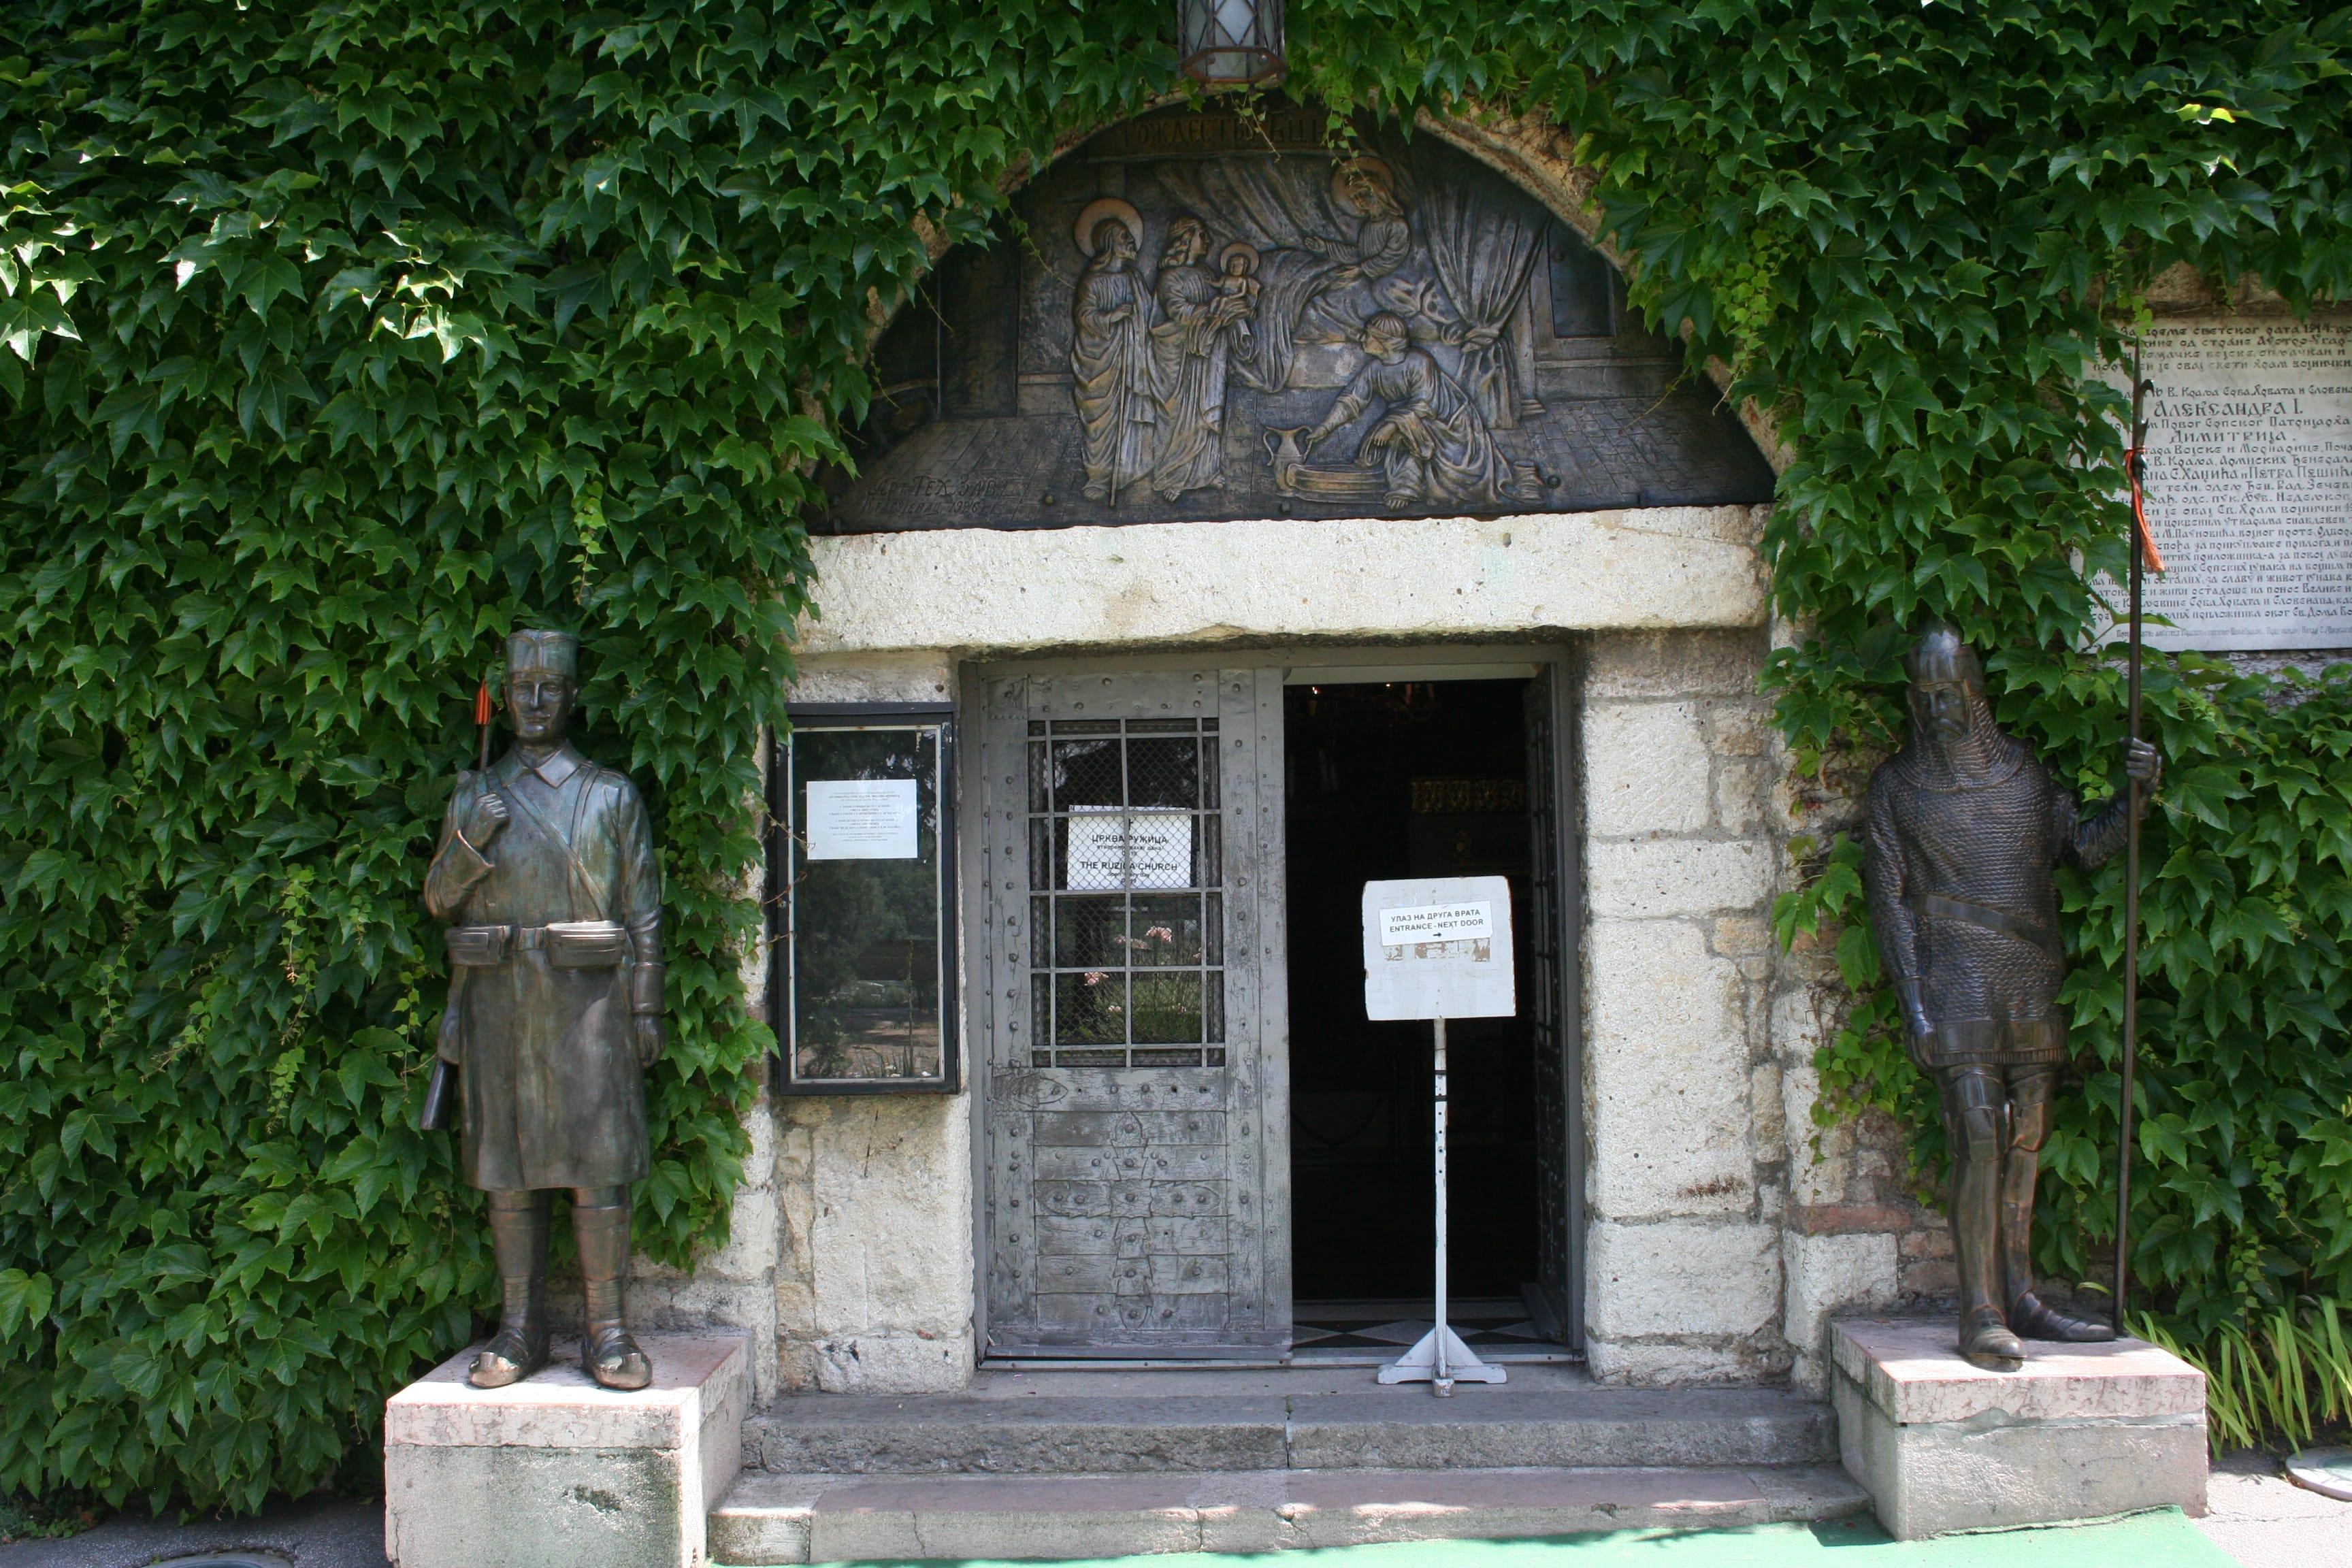 Ulaz u crkvu Ruzicu - statua cara Dusana i vojnika iz prvog svetskog rata